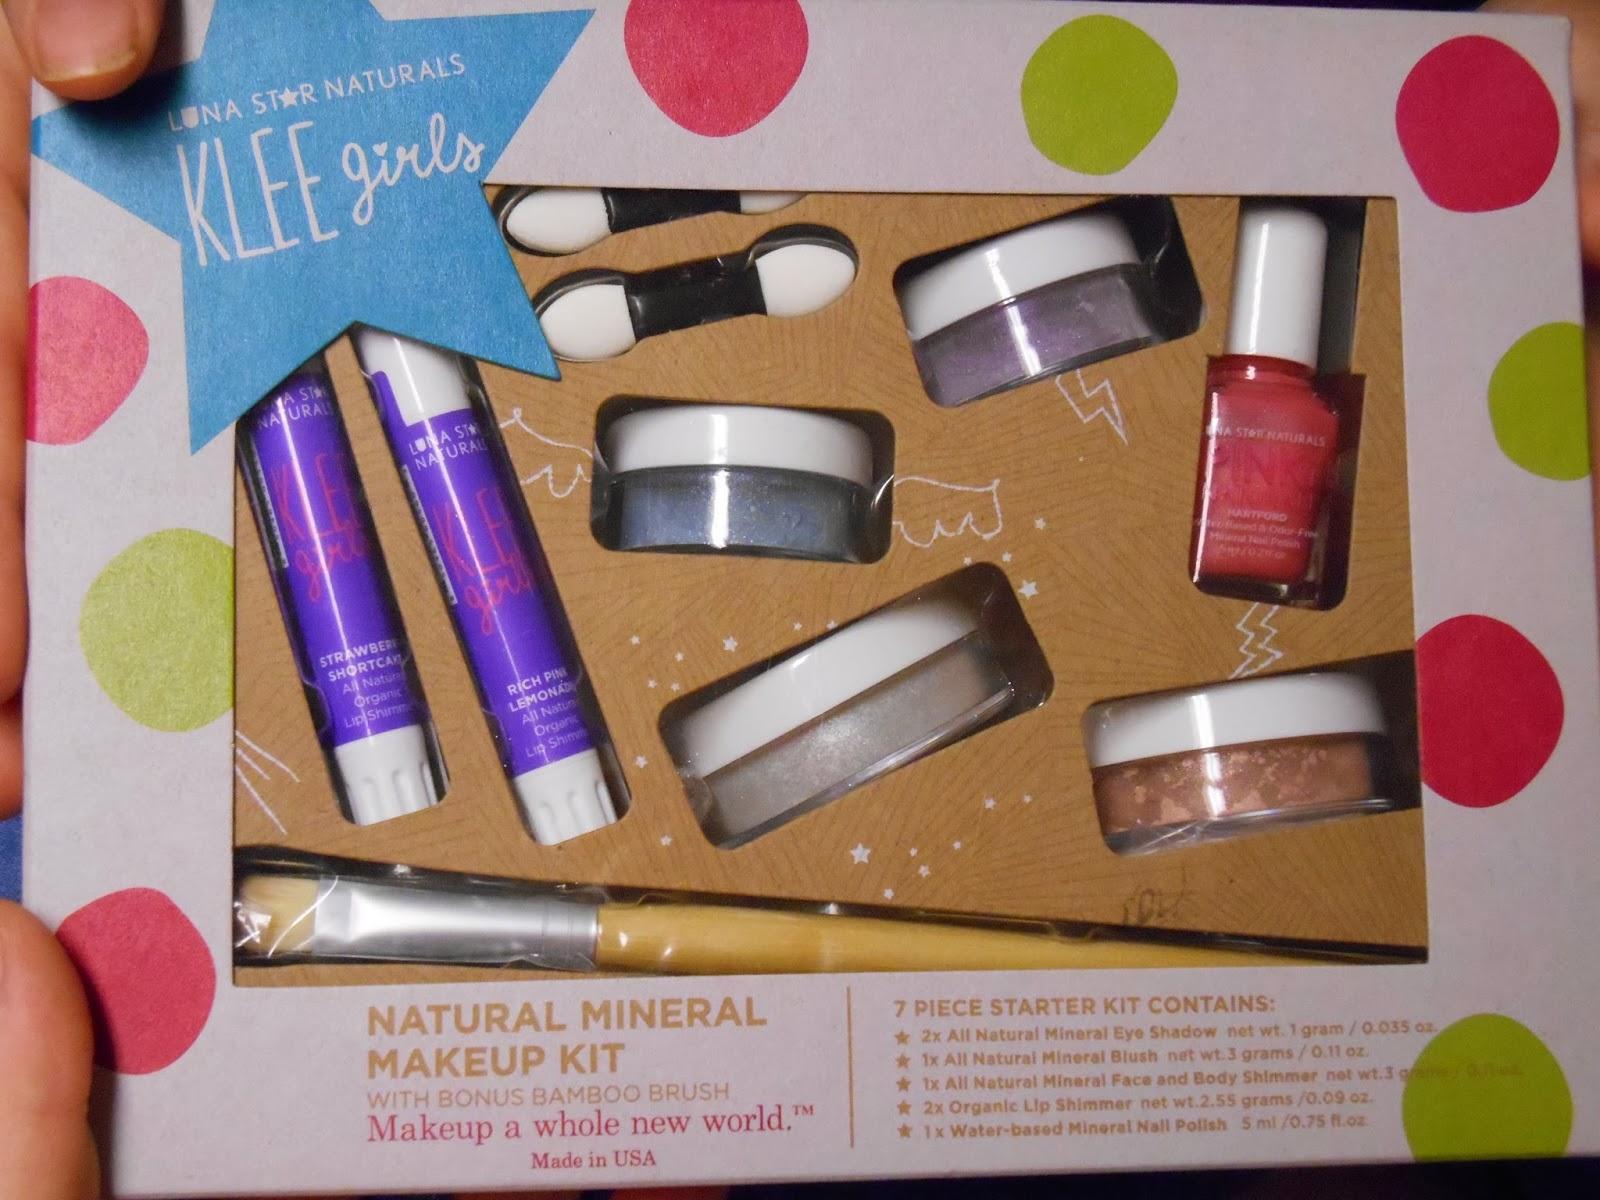 Hope's Cafe: Klee Girls-Natural & Safe Makeup for Girls!